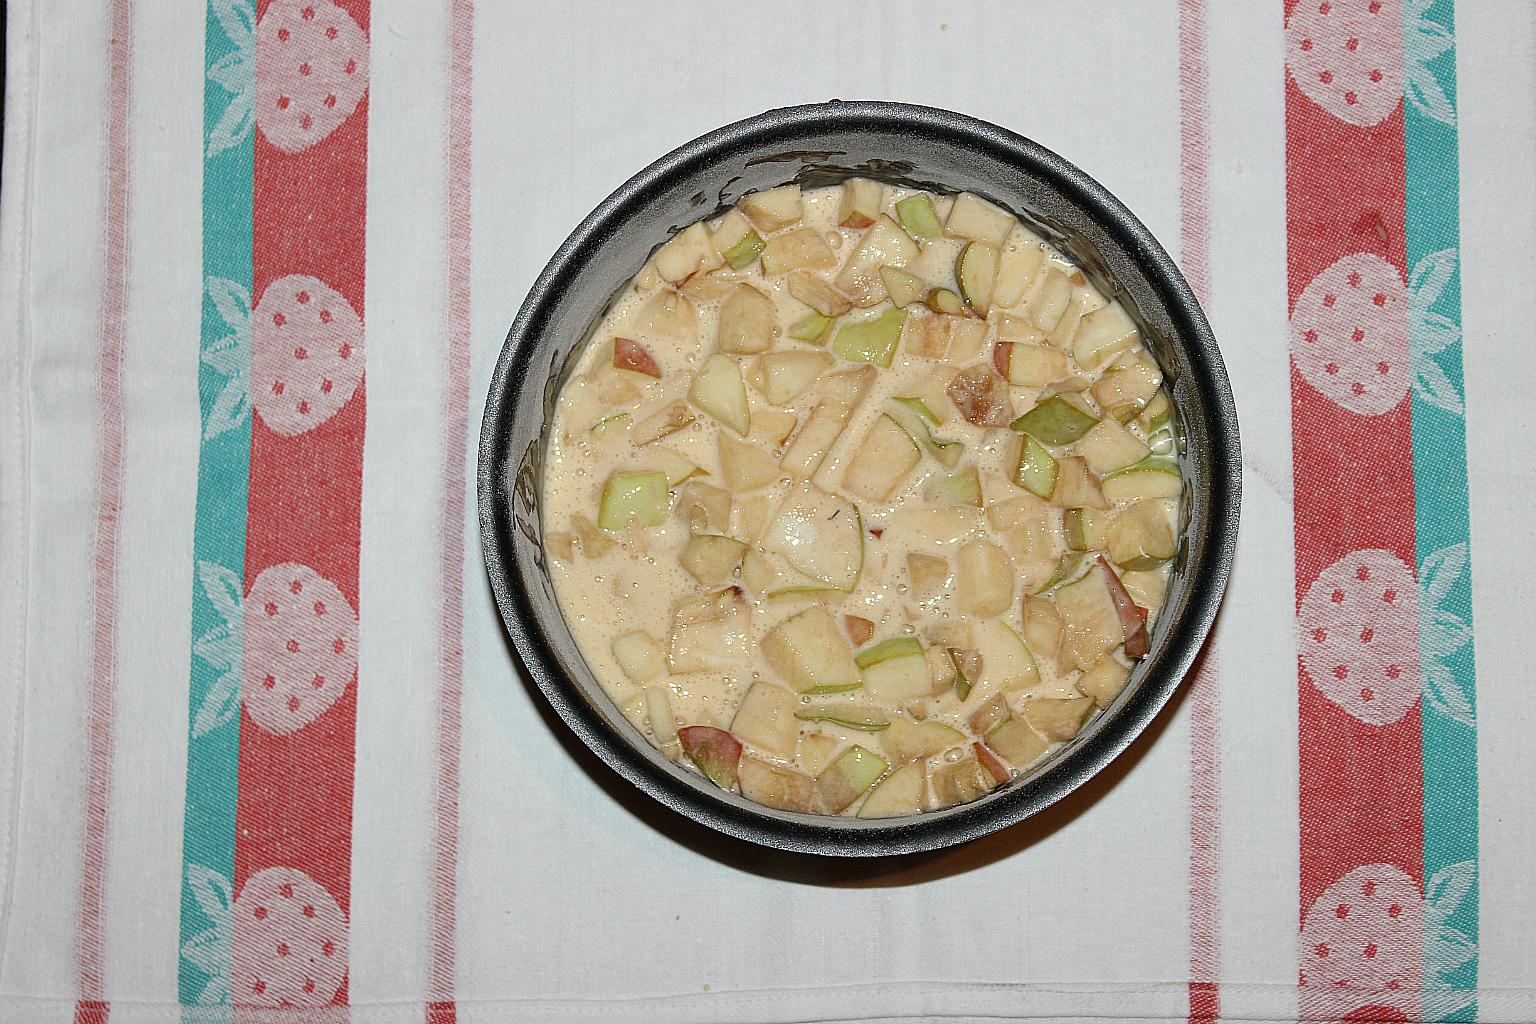 яблочный пирог с нотками ванили